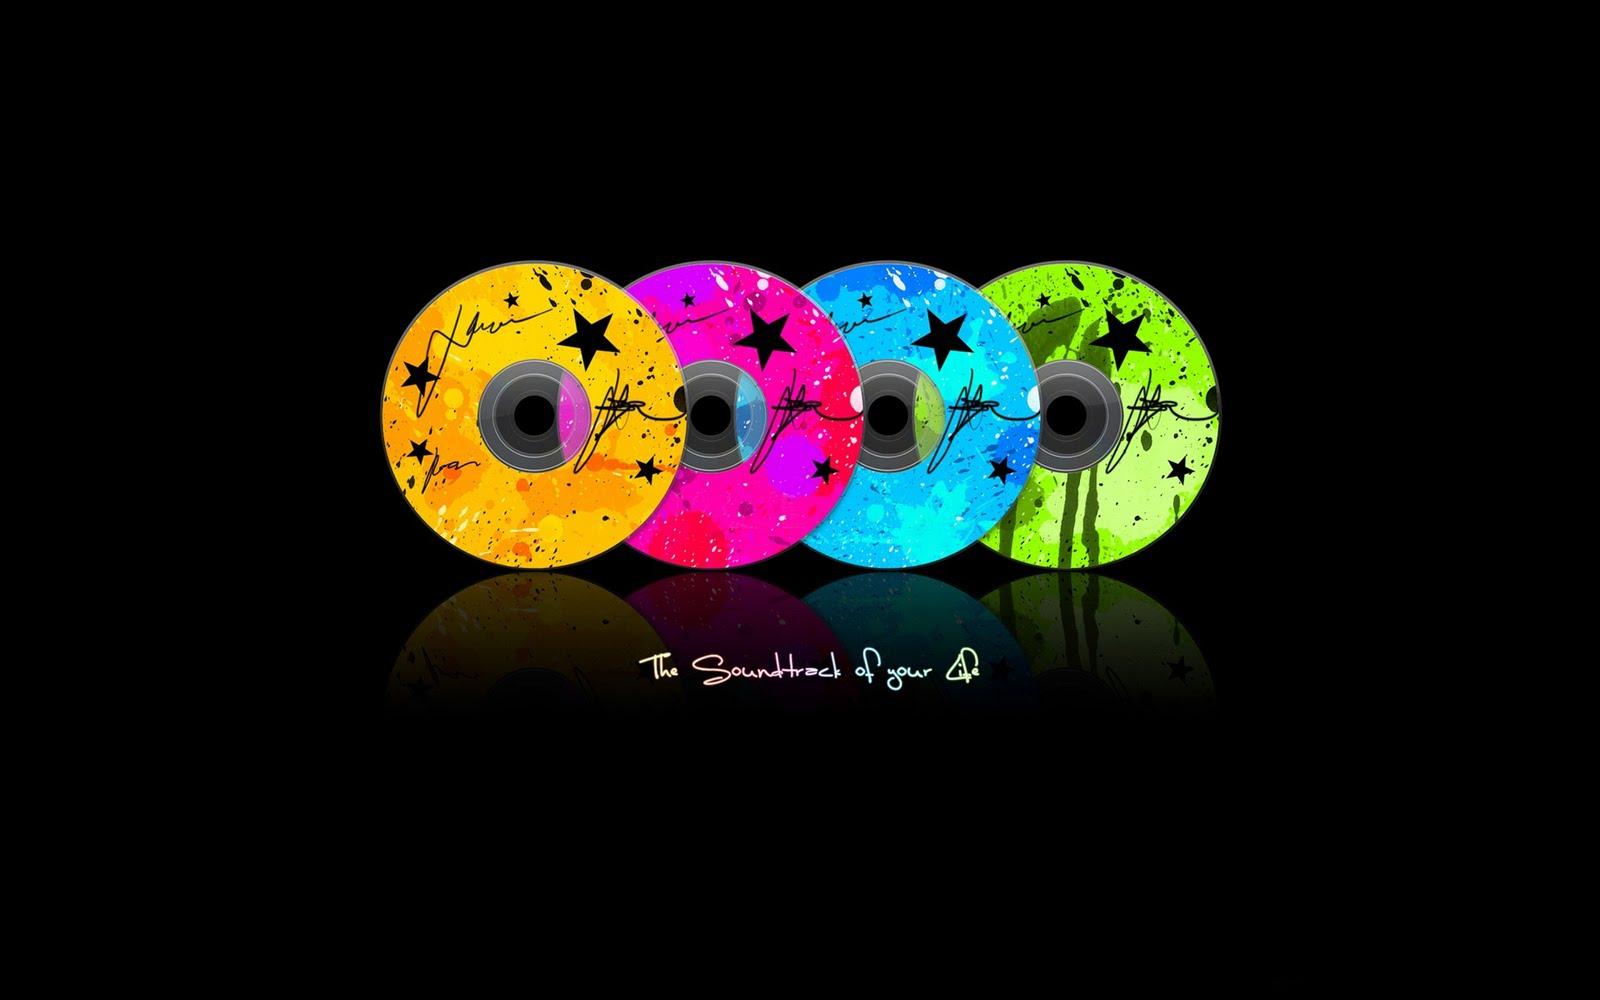 http://2.bp.blogspot.com/-w7s7cc2TyC4/TjiSEiQh_QI/AAAAAAAAjZA/Tt5La6REIFg/s1600/the-soundtrack-la-cancion-de-tu-vida.jpg